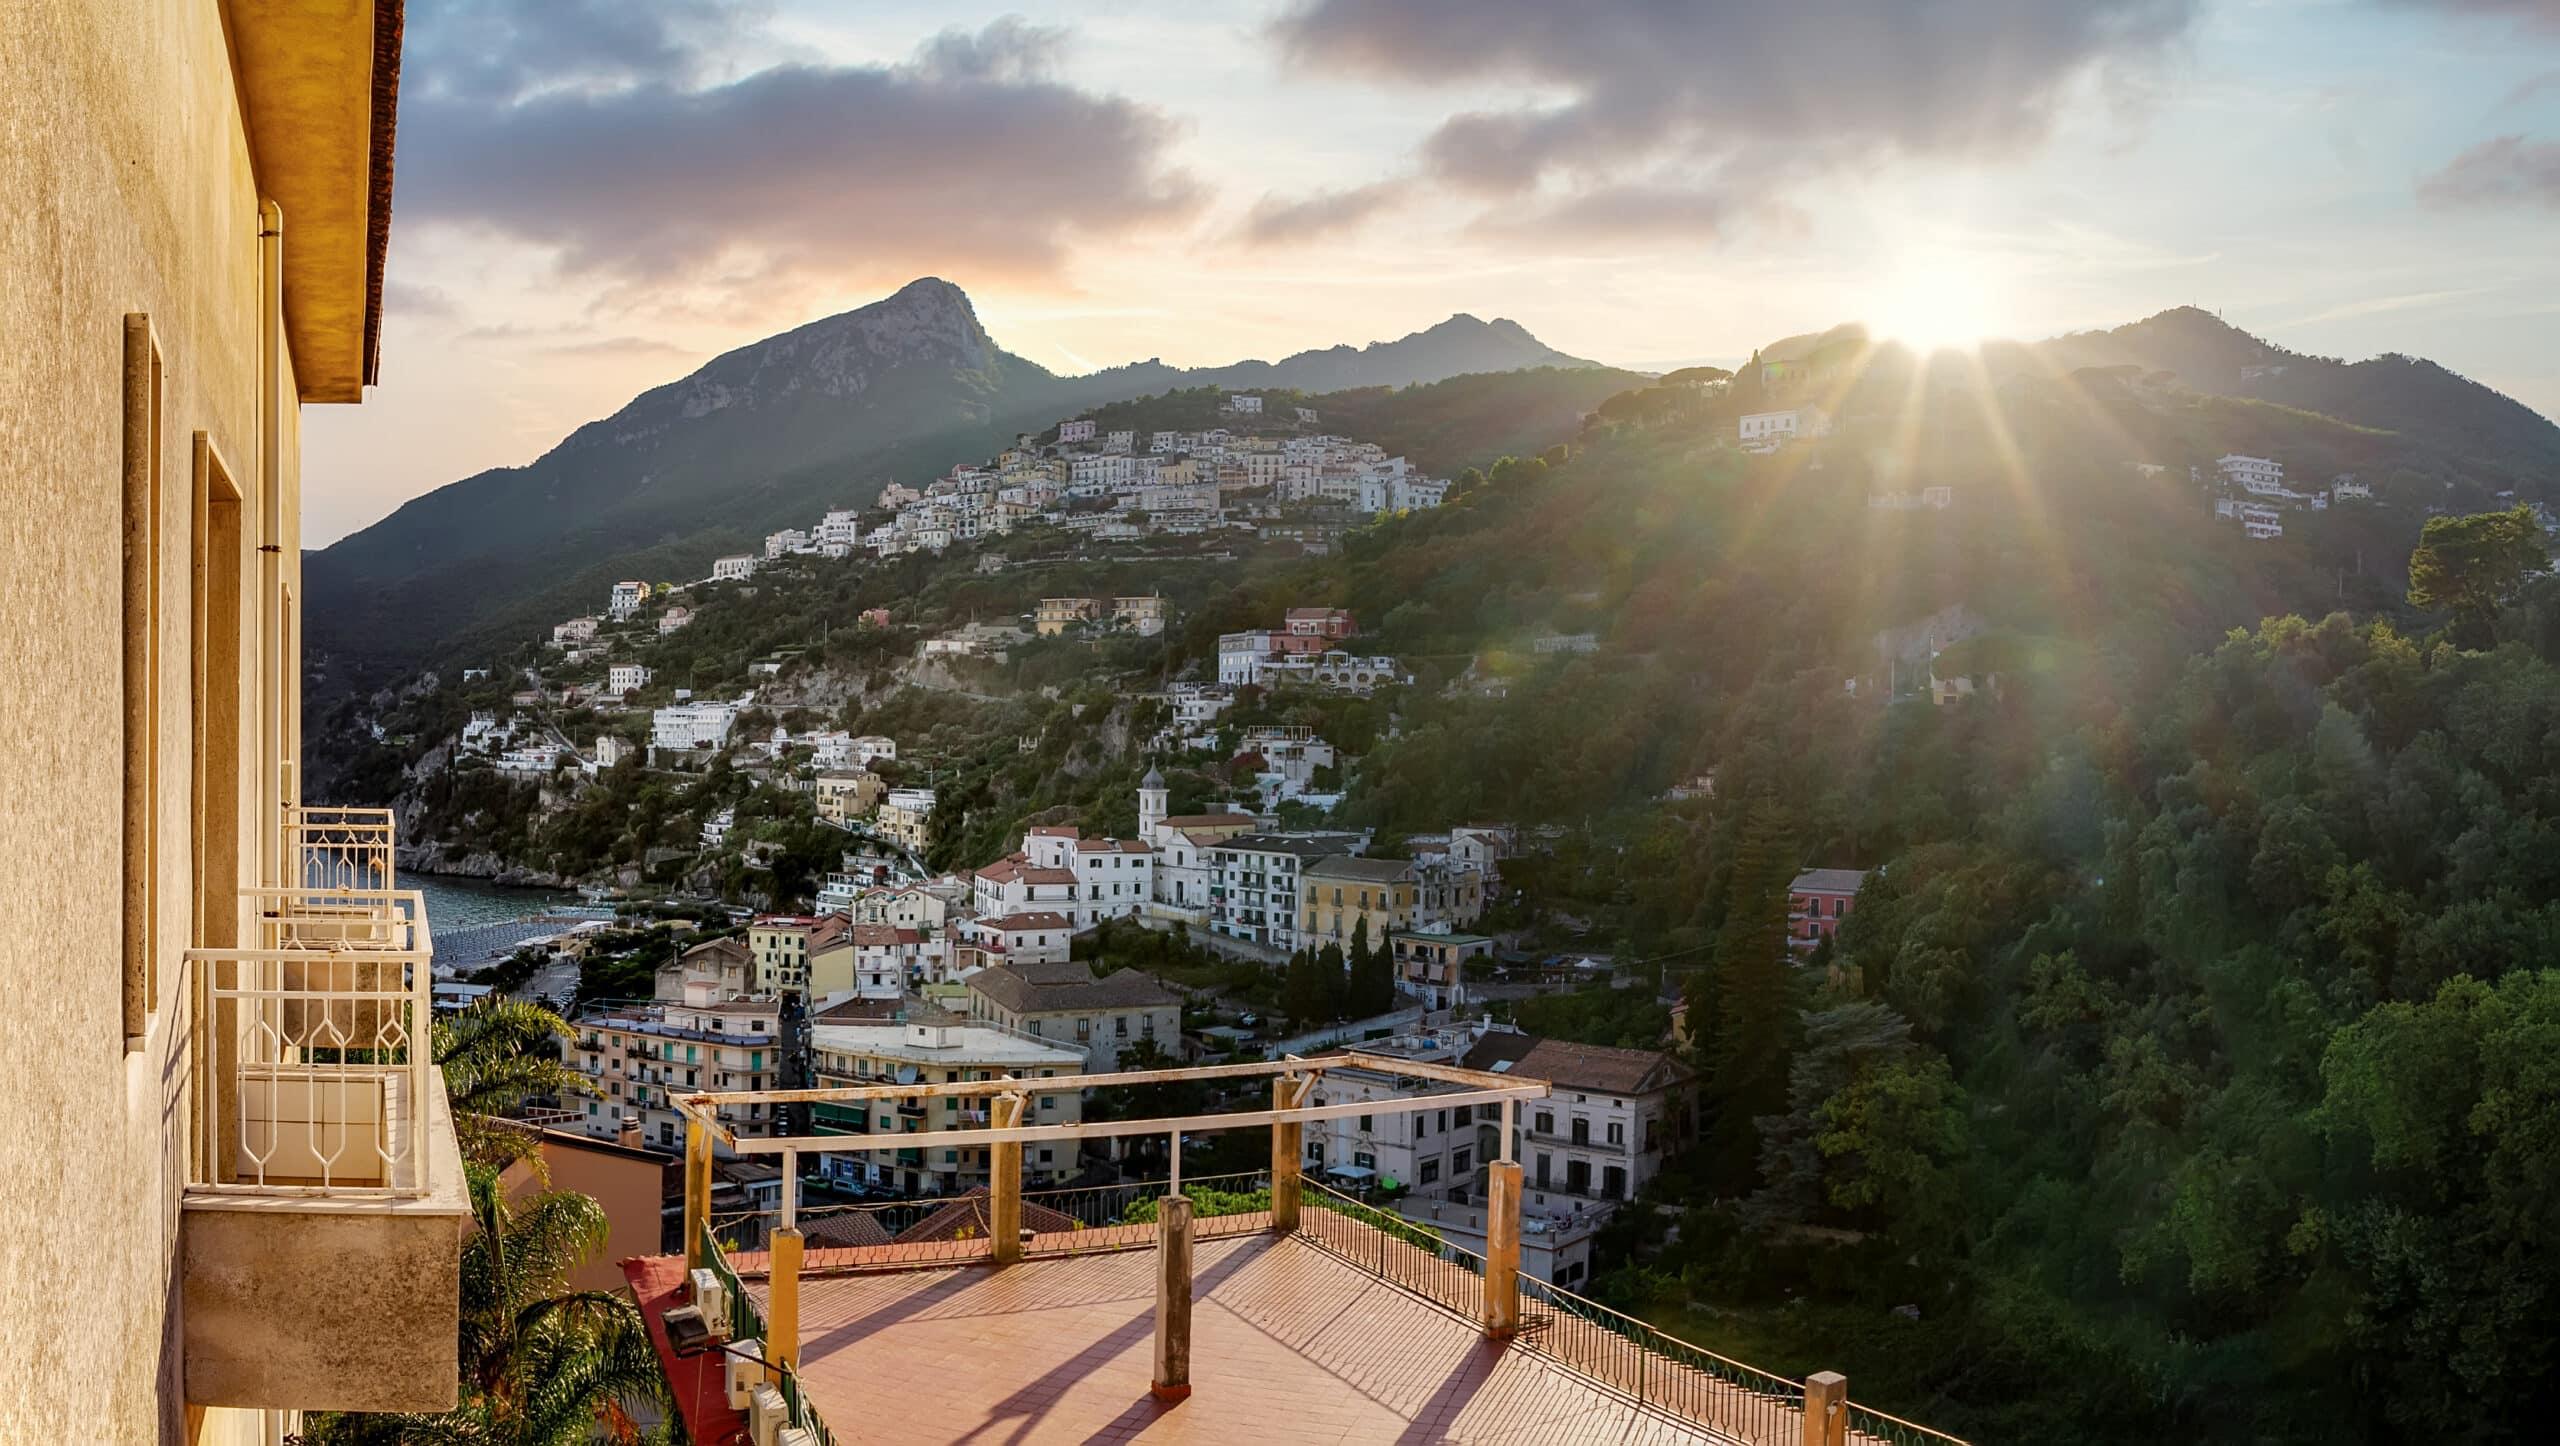 veduta dalle camere panoramiche dell'Hotel Vietri Coast